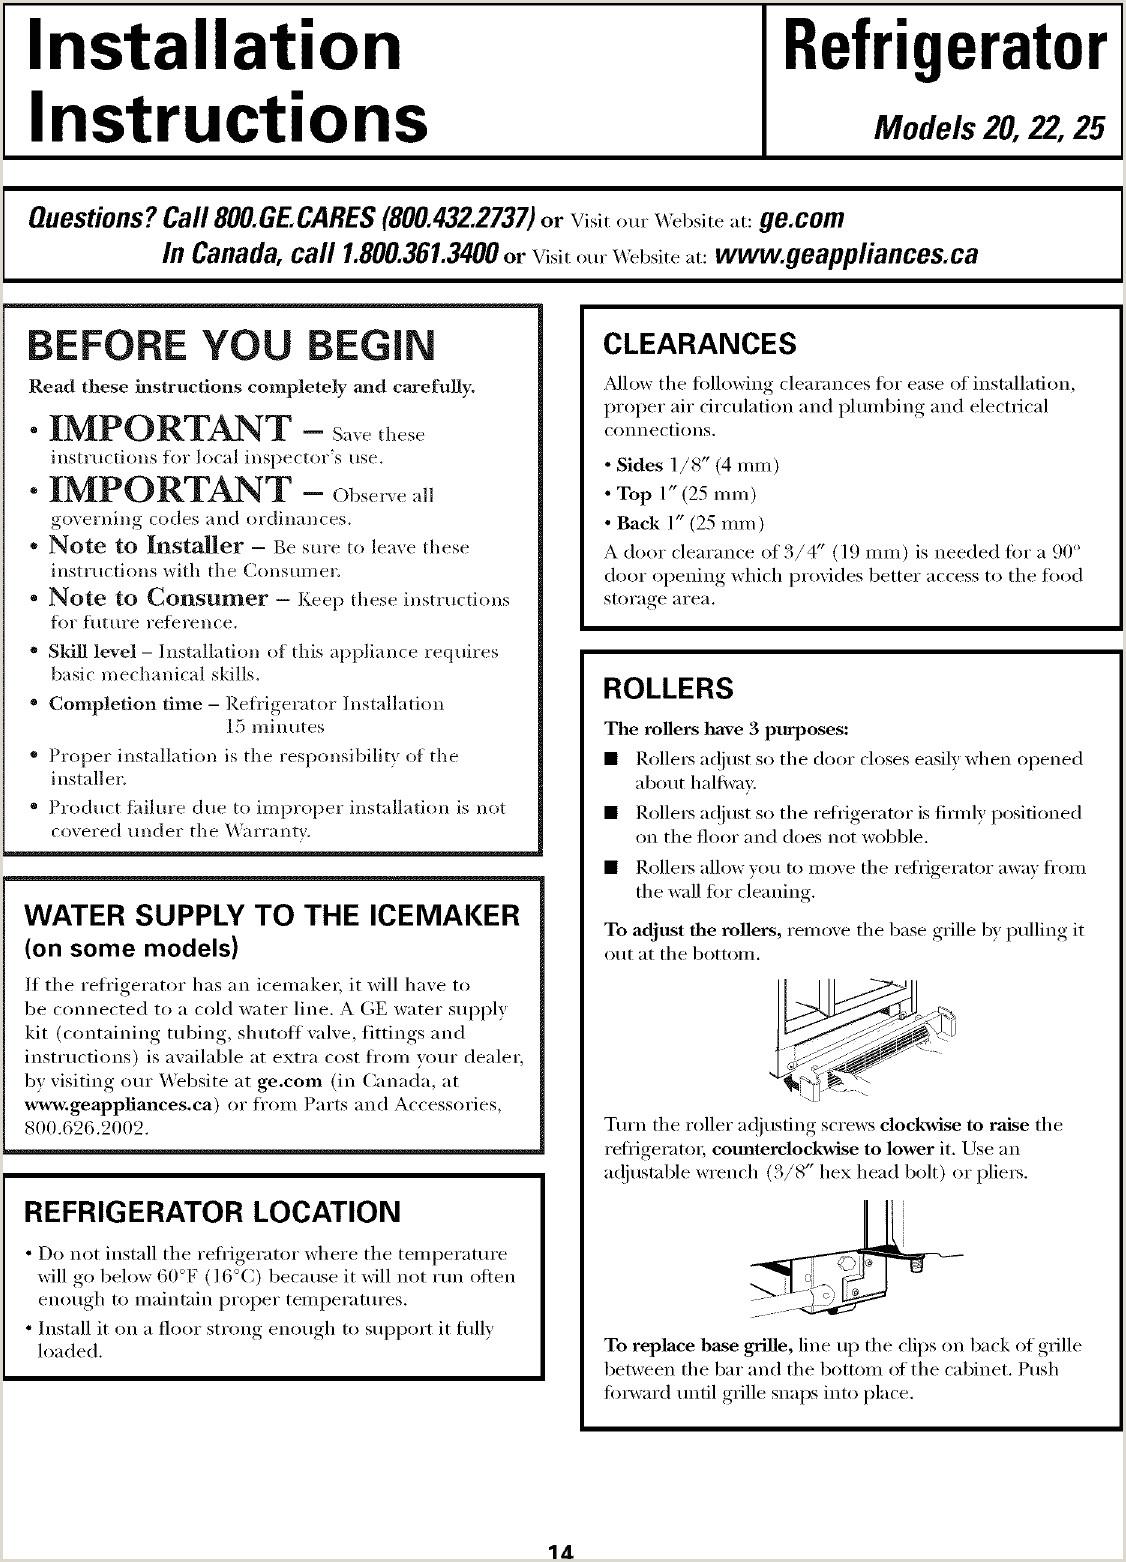 Como Hacer Una Hoja De Vida Para Trabajar En Canada Ge Gsh22jsrjss User Manual Refrigerator R Series Manuals and